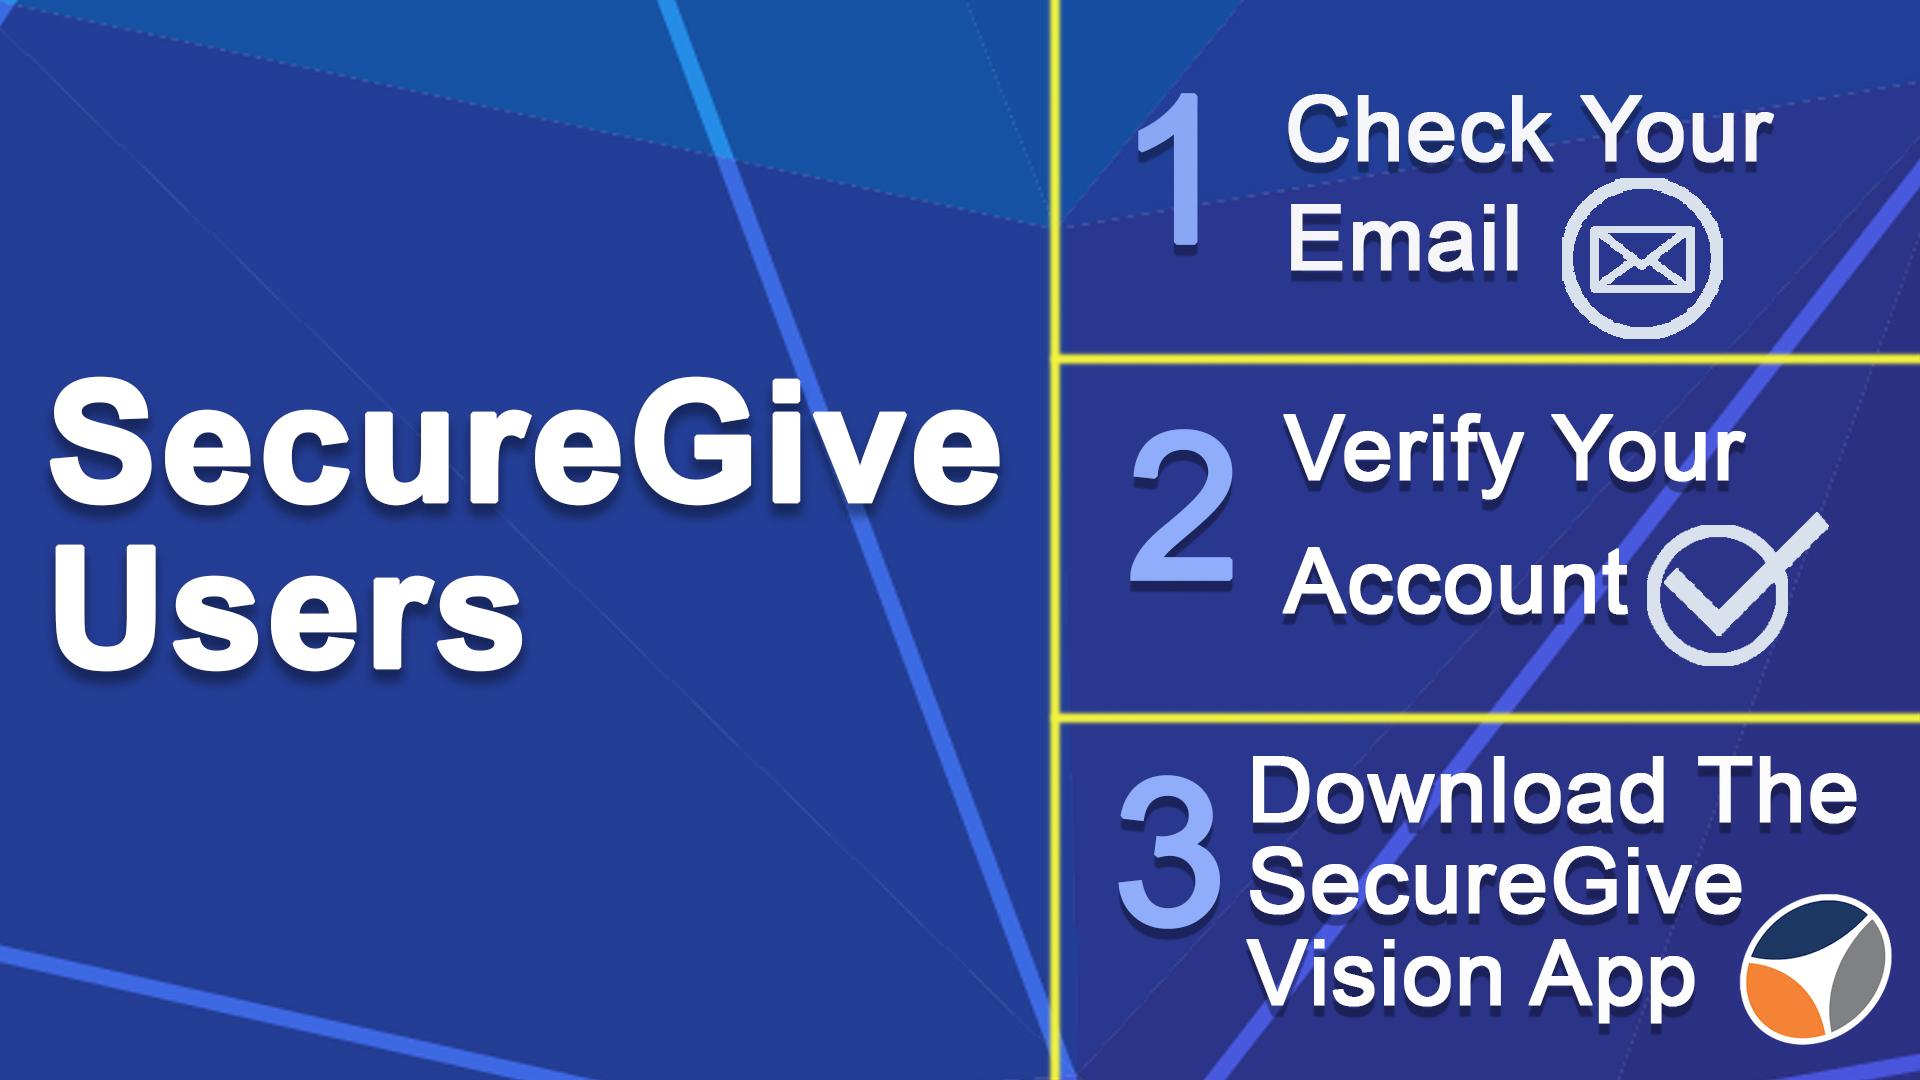 SecureGive Vision 3rd Graphic.jpg